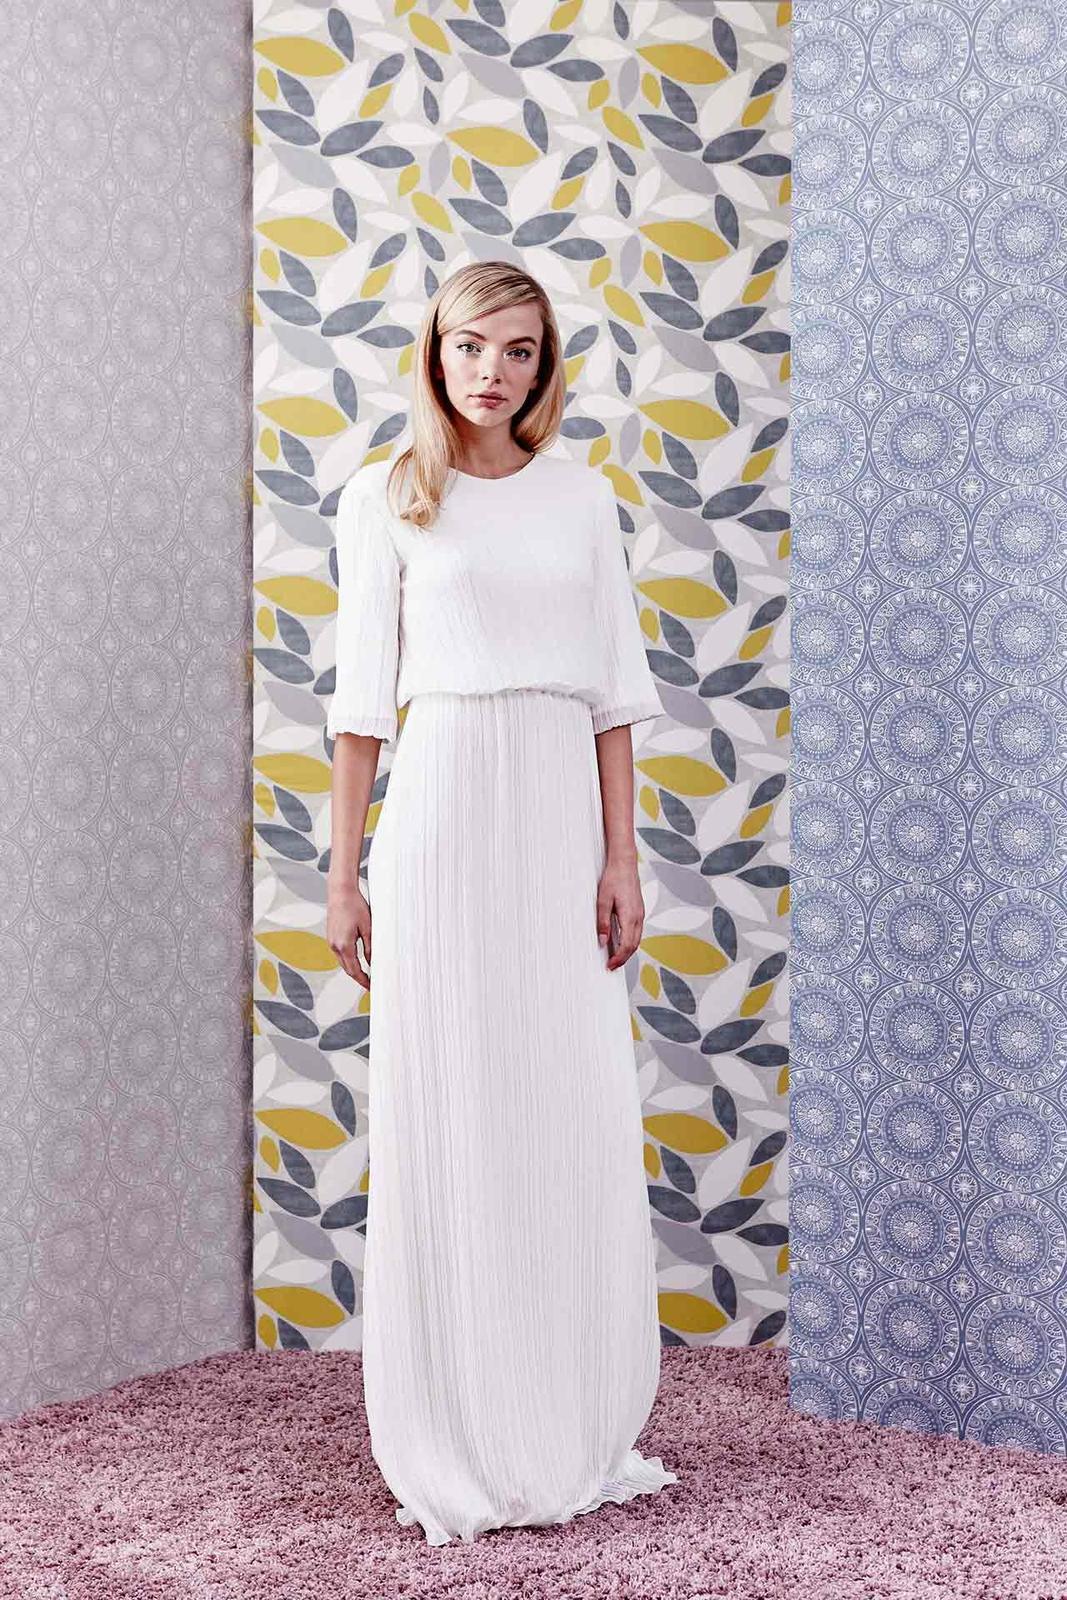 Tak jednoducho, ako sa len dá (minimalizmus v svadobných šatách) - Obrázok č. 6